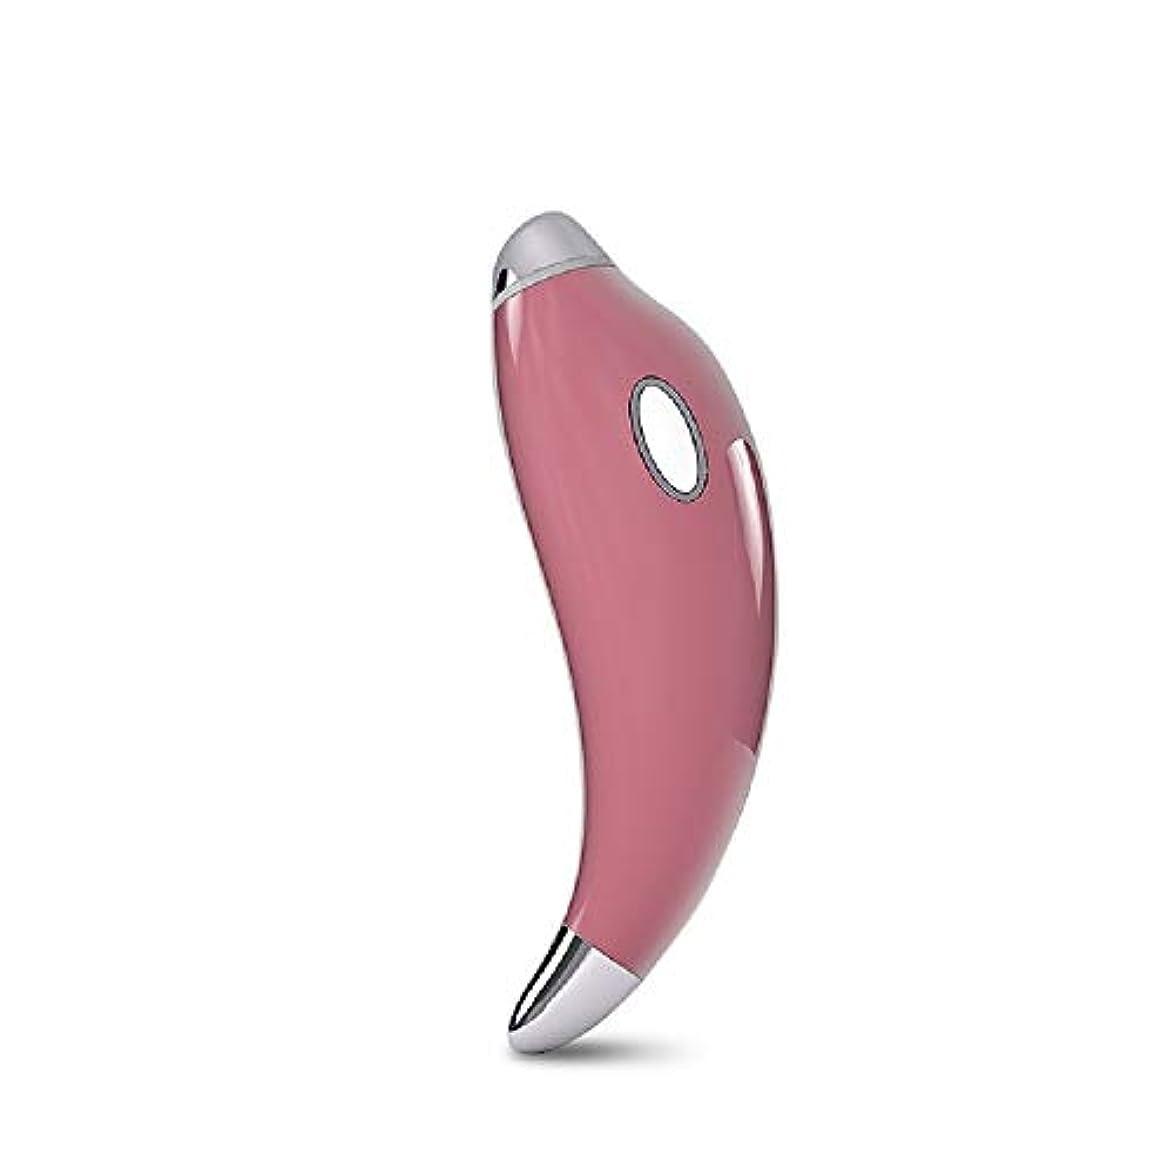 他の場所オンスブランド名Gf ファッショントレンド高度なインテリジェントホットマジックワンド、しわ防止イオンイオントリートメントアイマッサージスティック 購入へようこそ (Color : Pink)